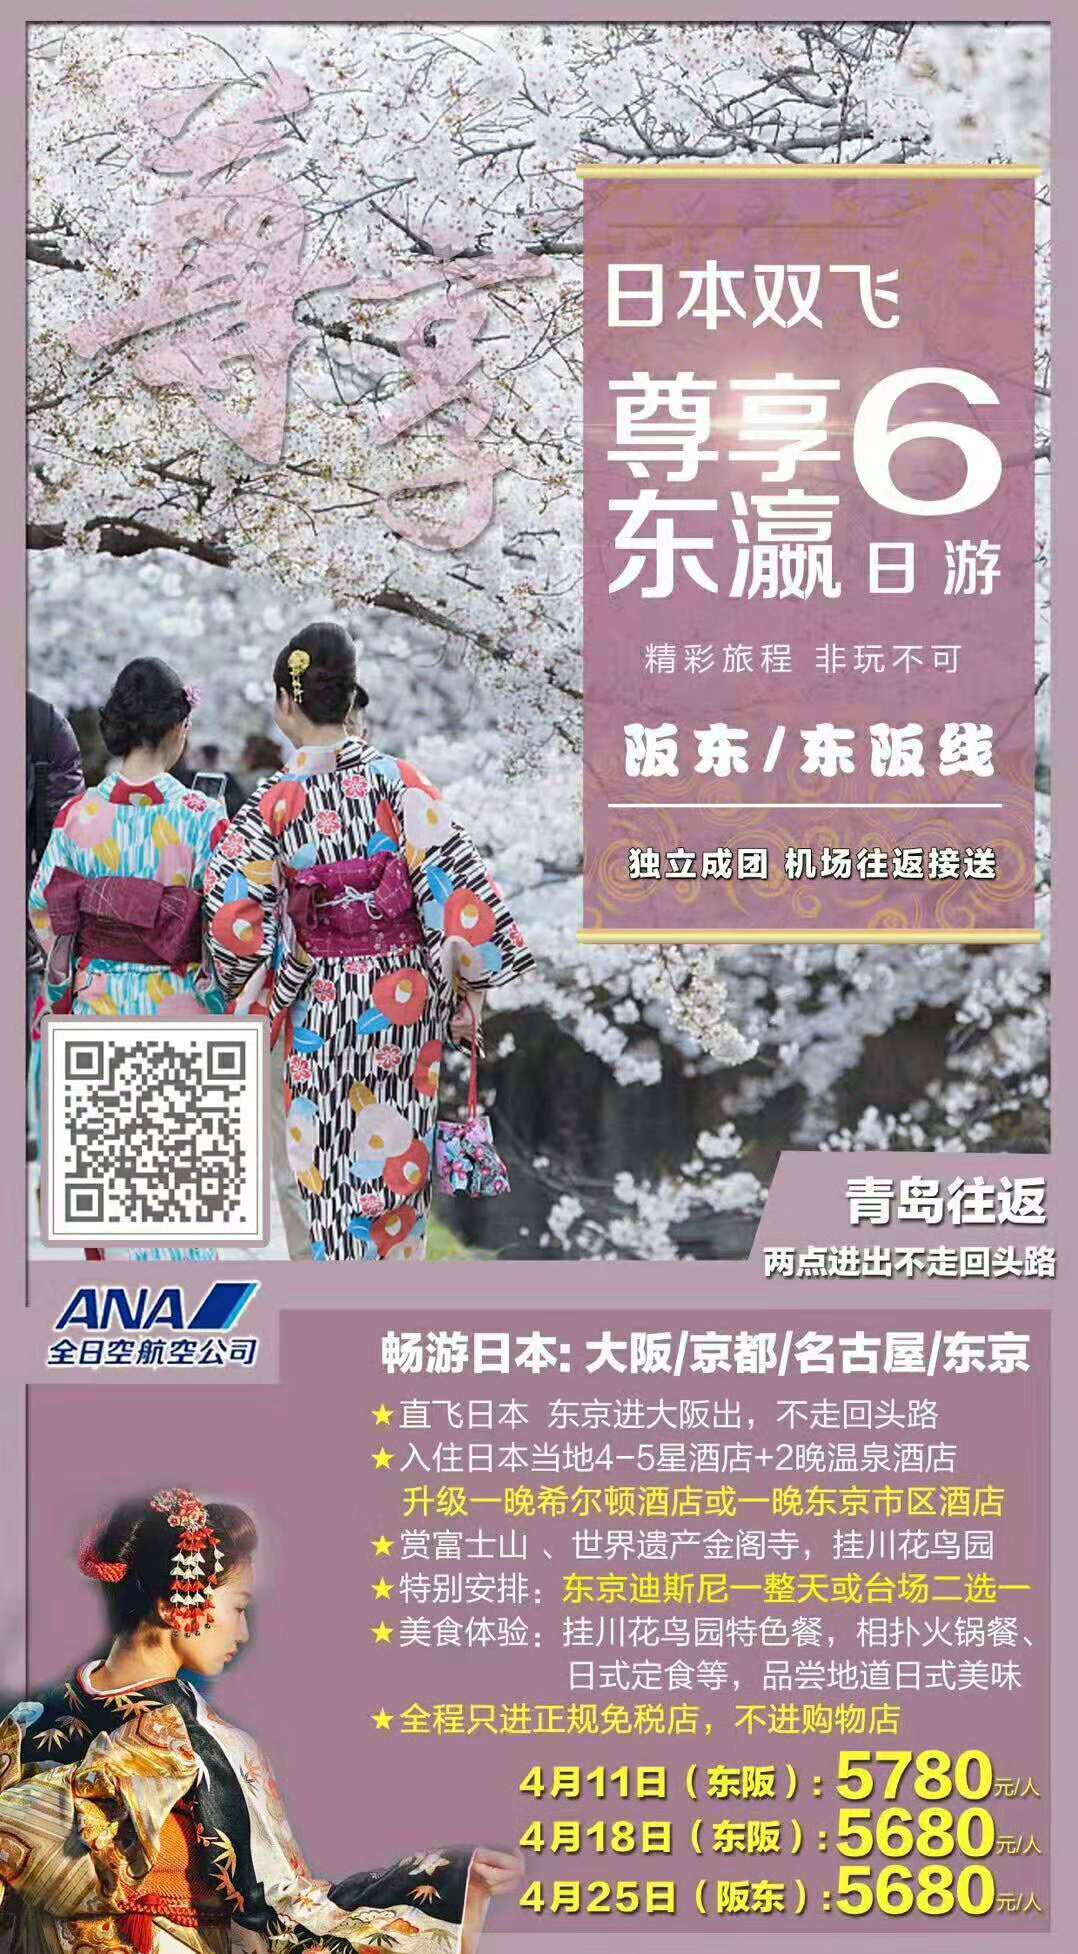 4月 尊享东瀛双飞六日游 青岛往返 东阪/阪东